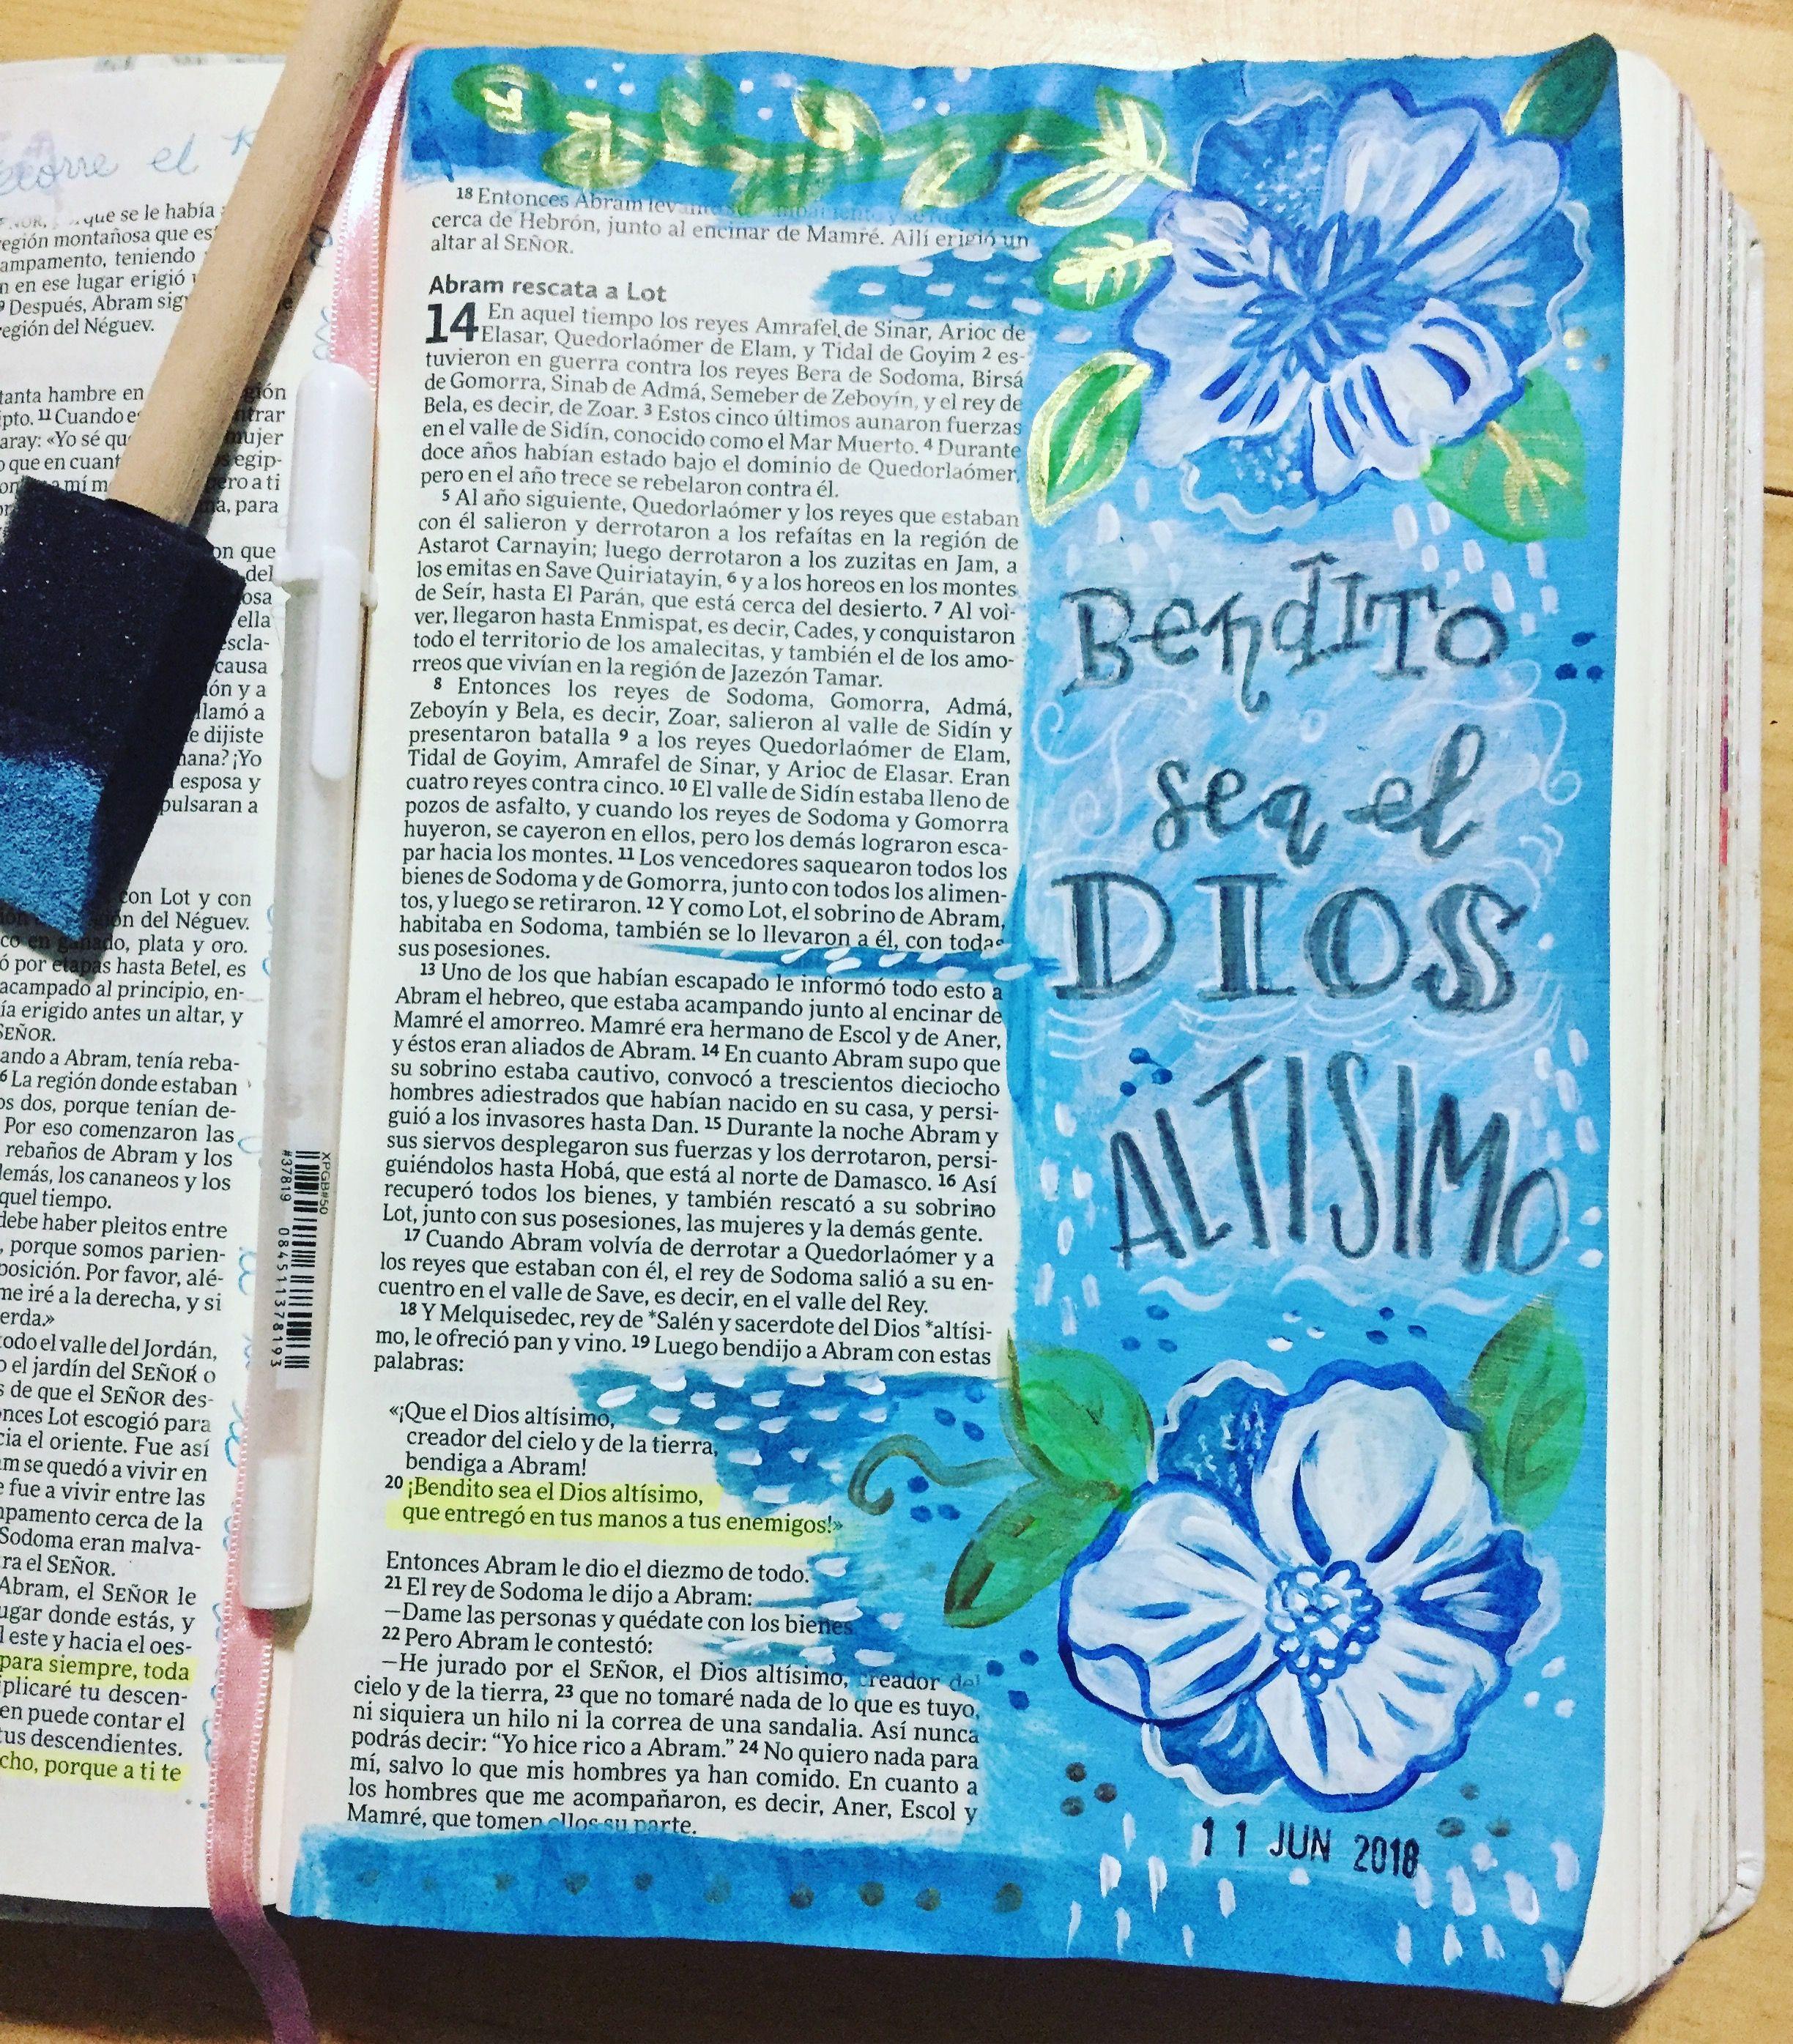 Genesis 14 Melquisedec Bendice A Abram Bendito Sea El Dios Altisimo Que Entrego En Tus Manos A Tus Enemigos Biblia De Apuntes Versiculos Biblicos Biblia